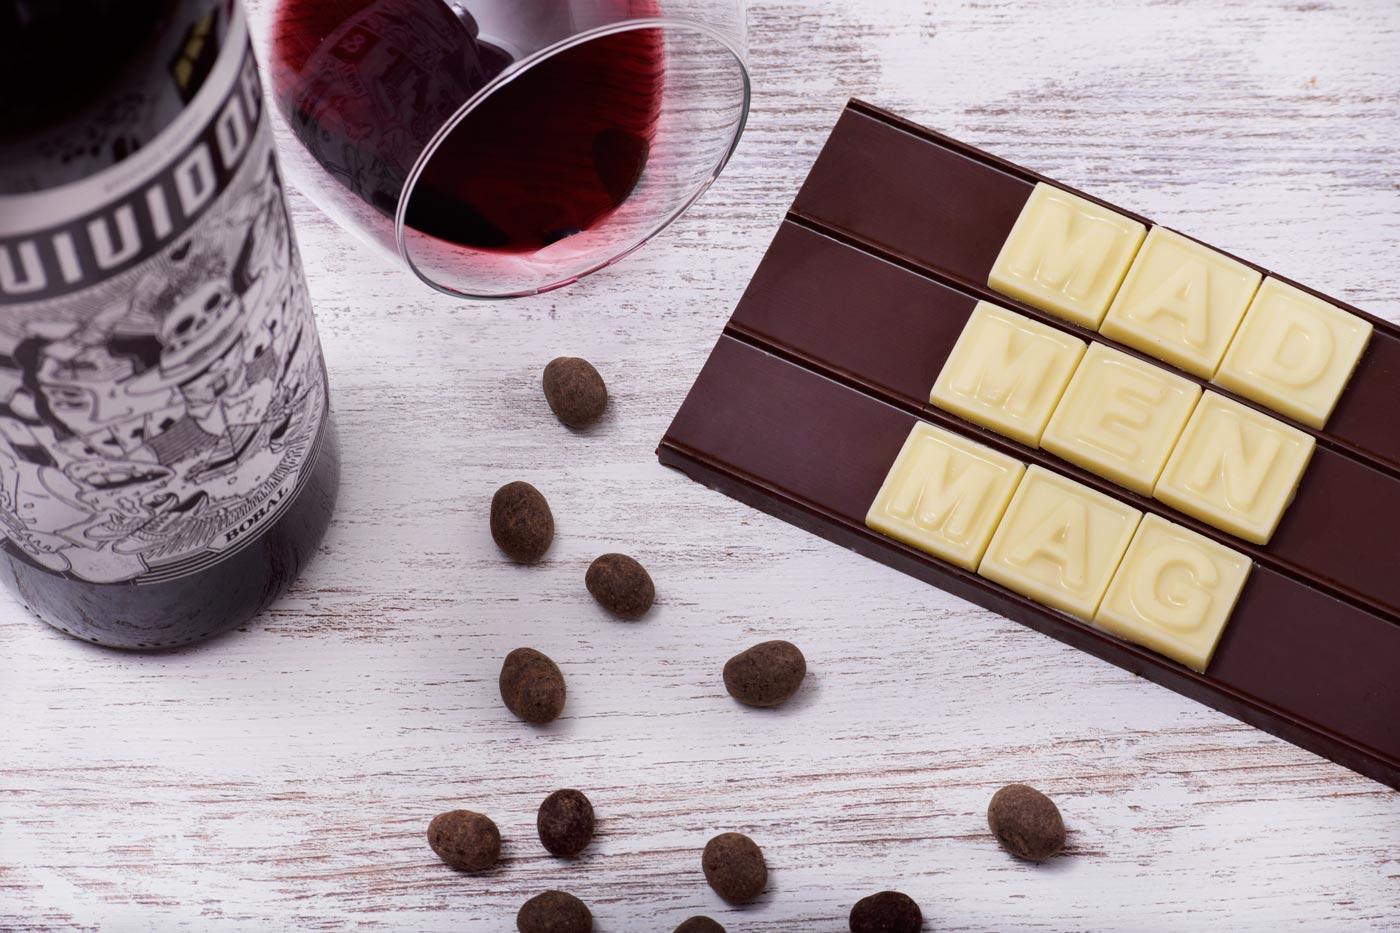 vino y chocolate maridaje gastronomia madmenmag